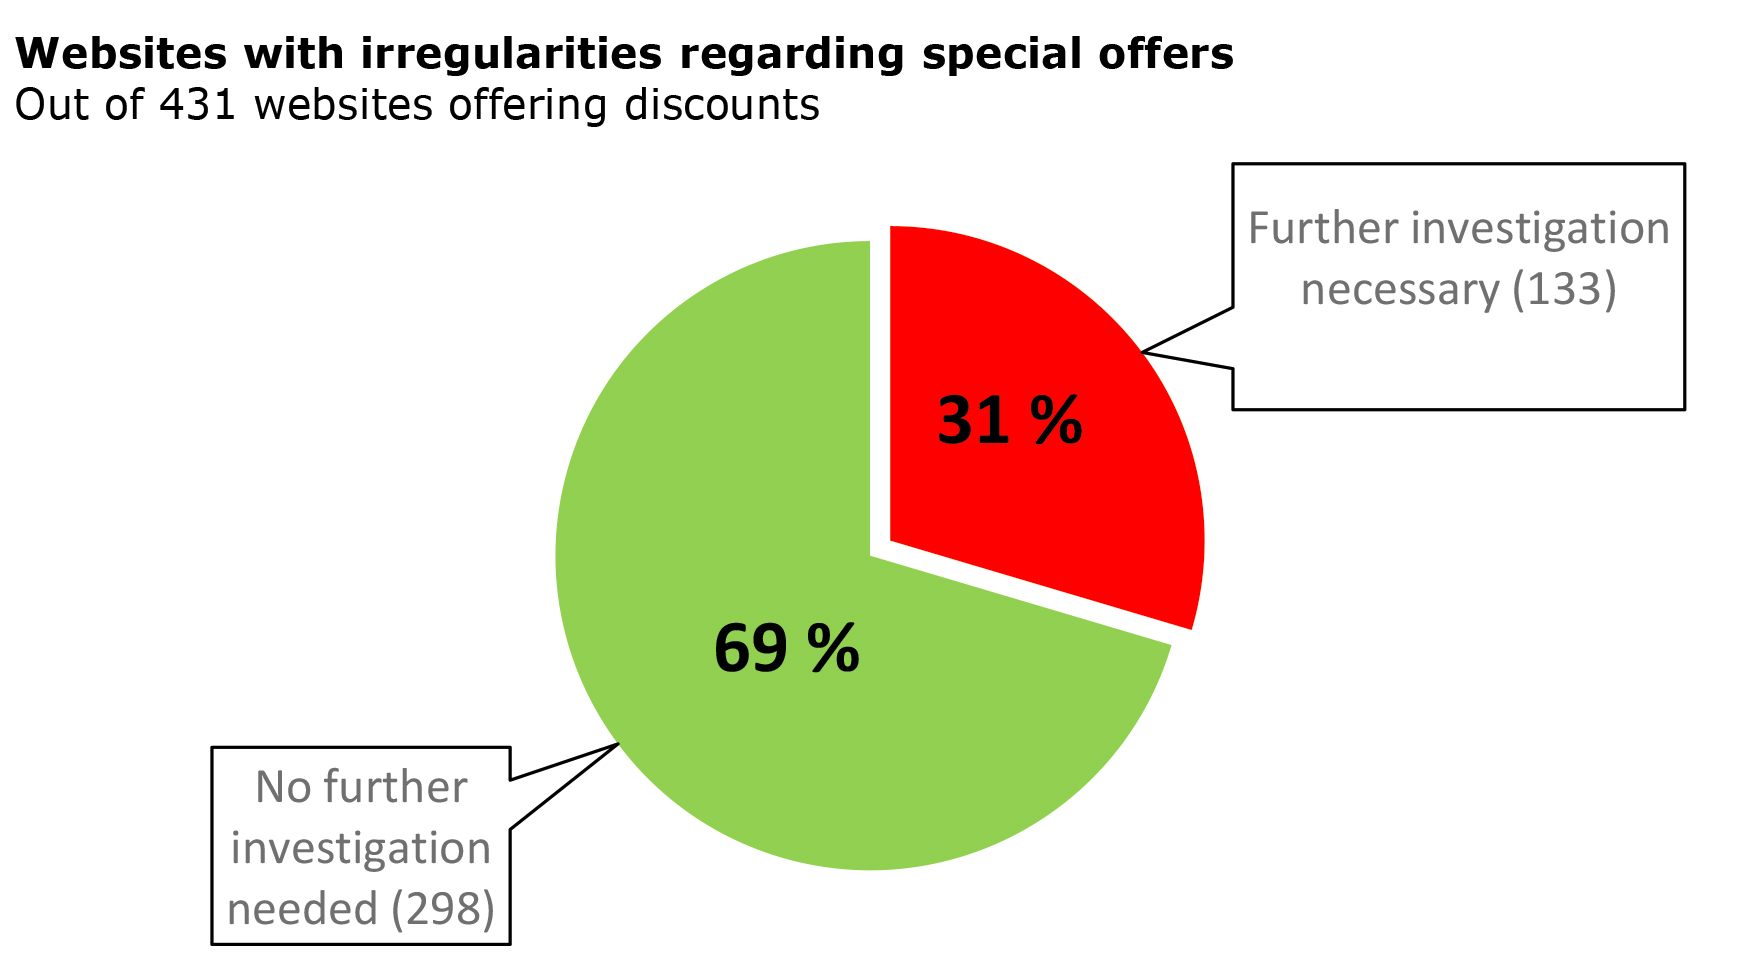 Websites with irregularities regarding special offers